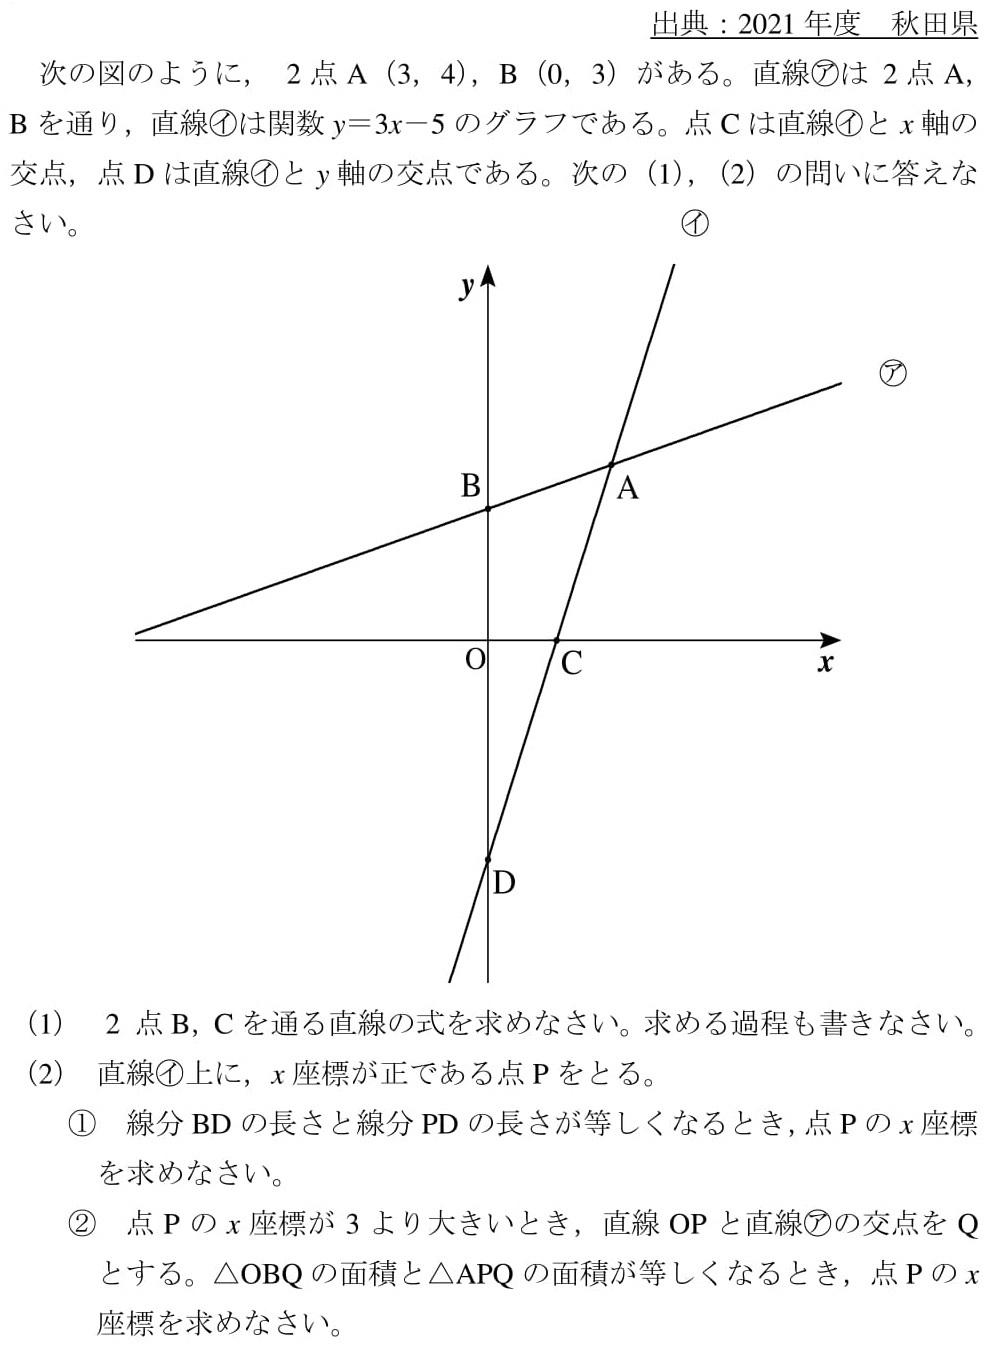 2021 秋田県 高校入試 数学 過去問 関数 等積変形 良問 難問